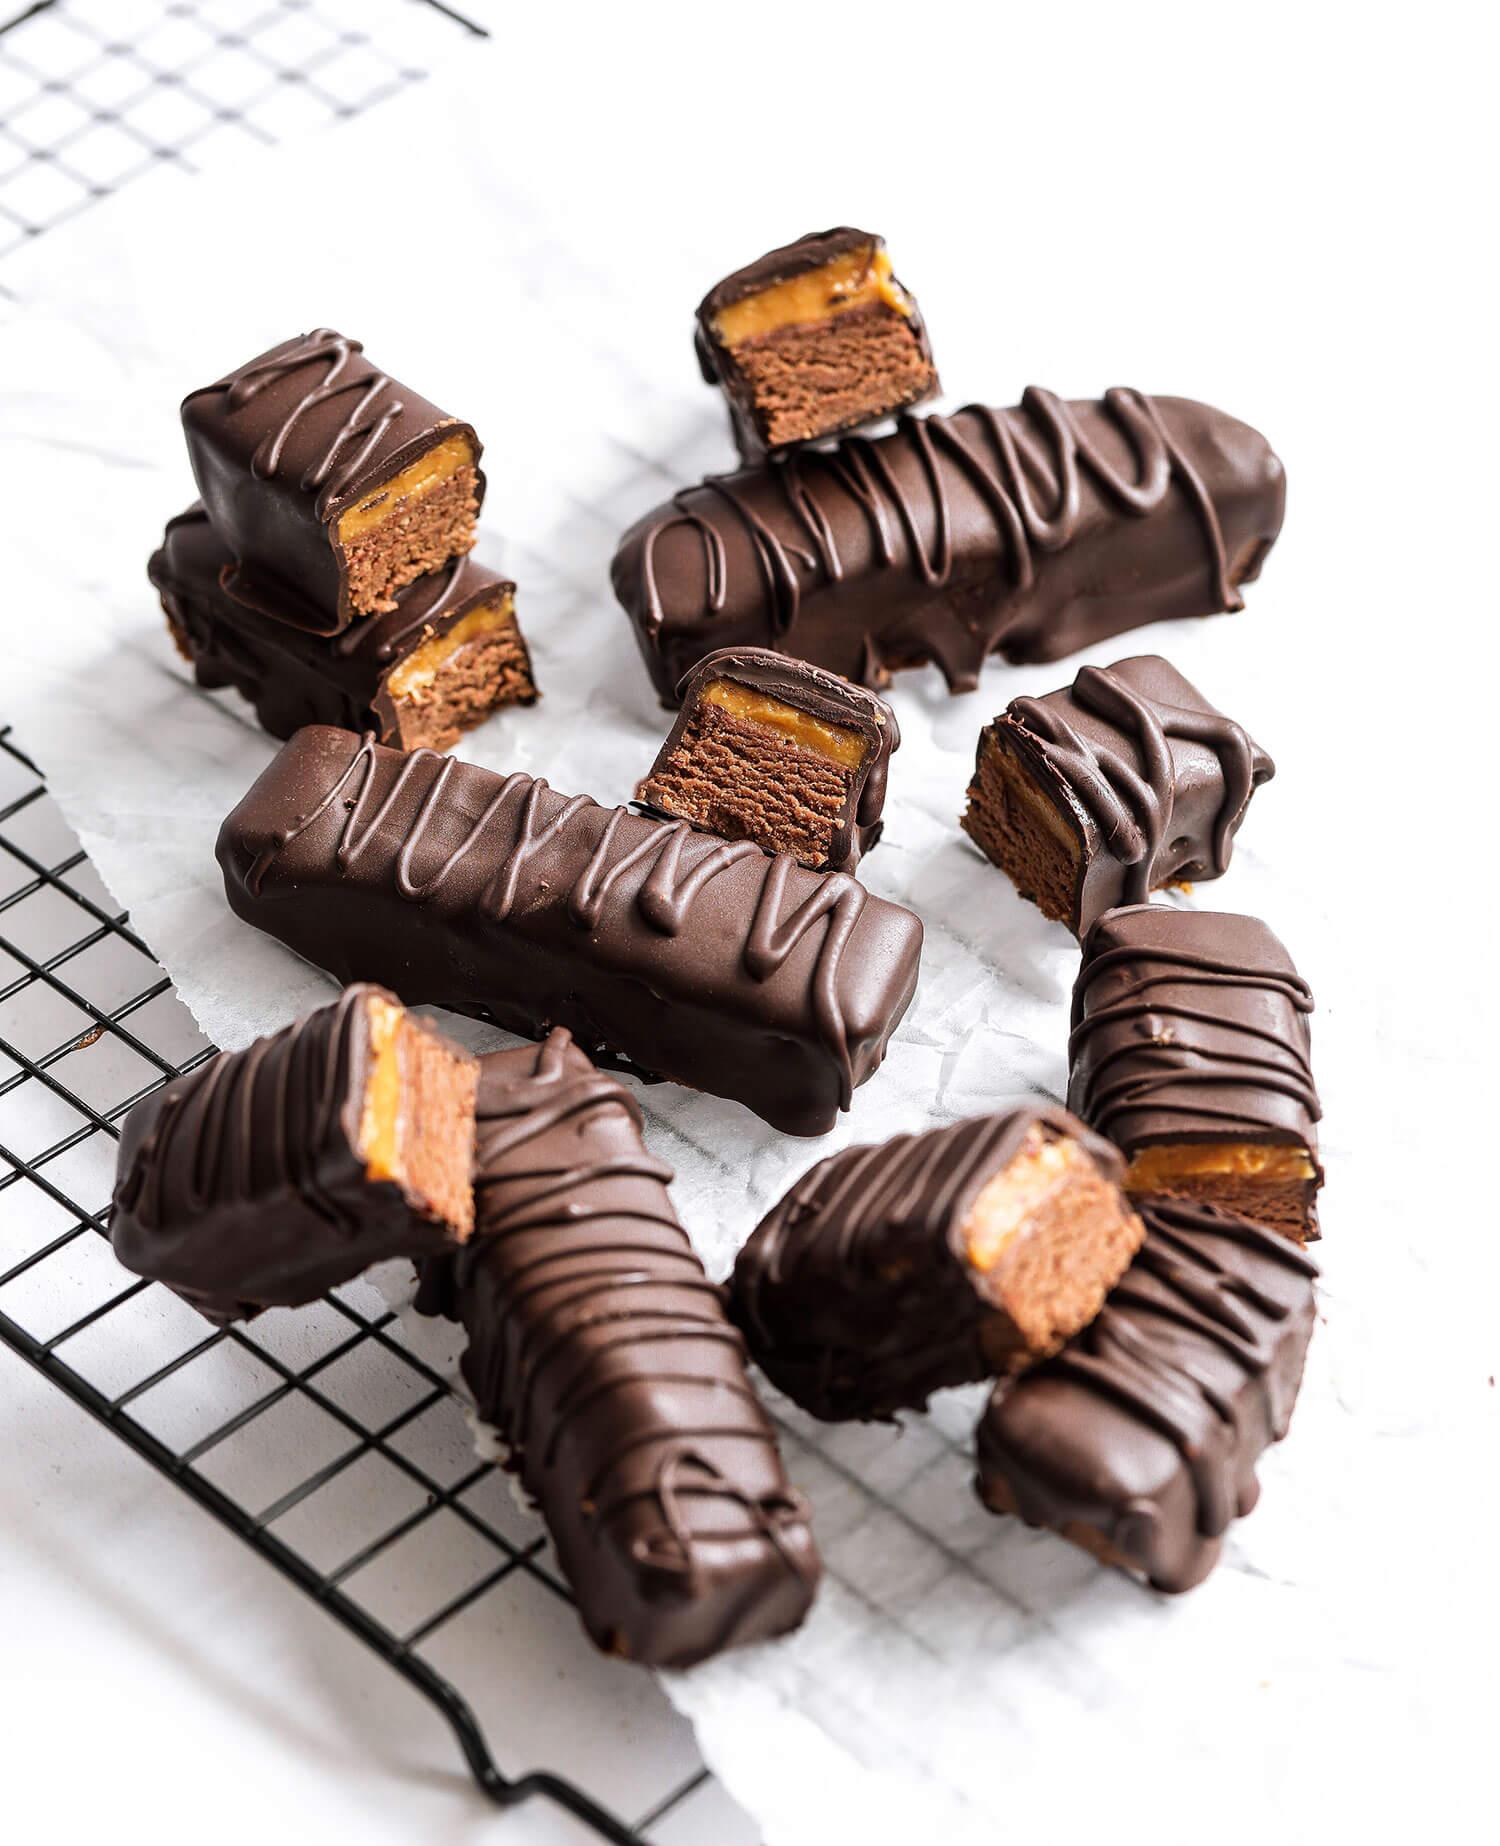 Barras de proteína vegana de chocolate com caramelo salgado - UK Health Blog 11